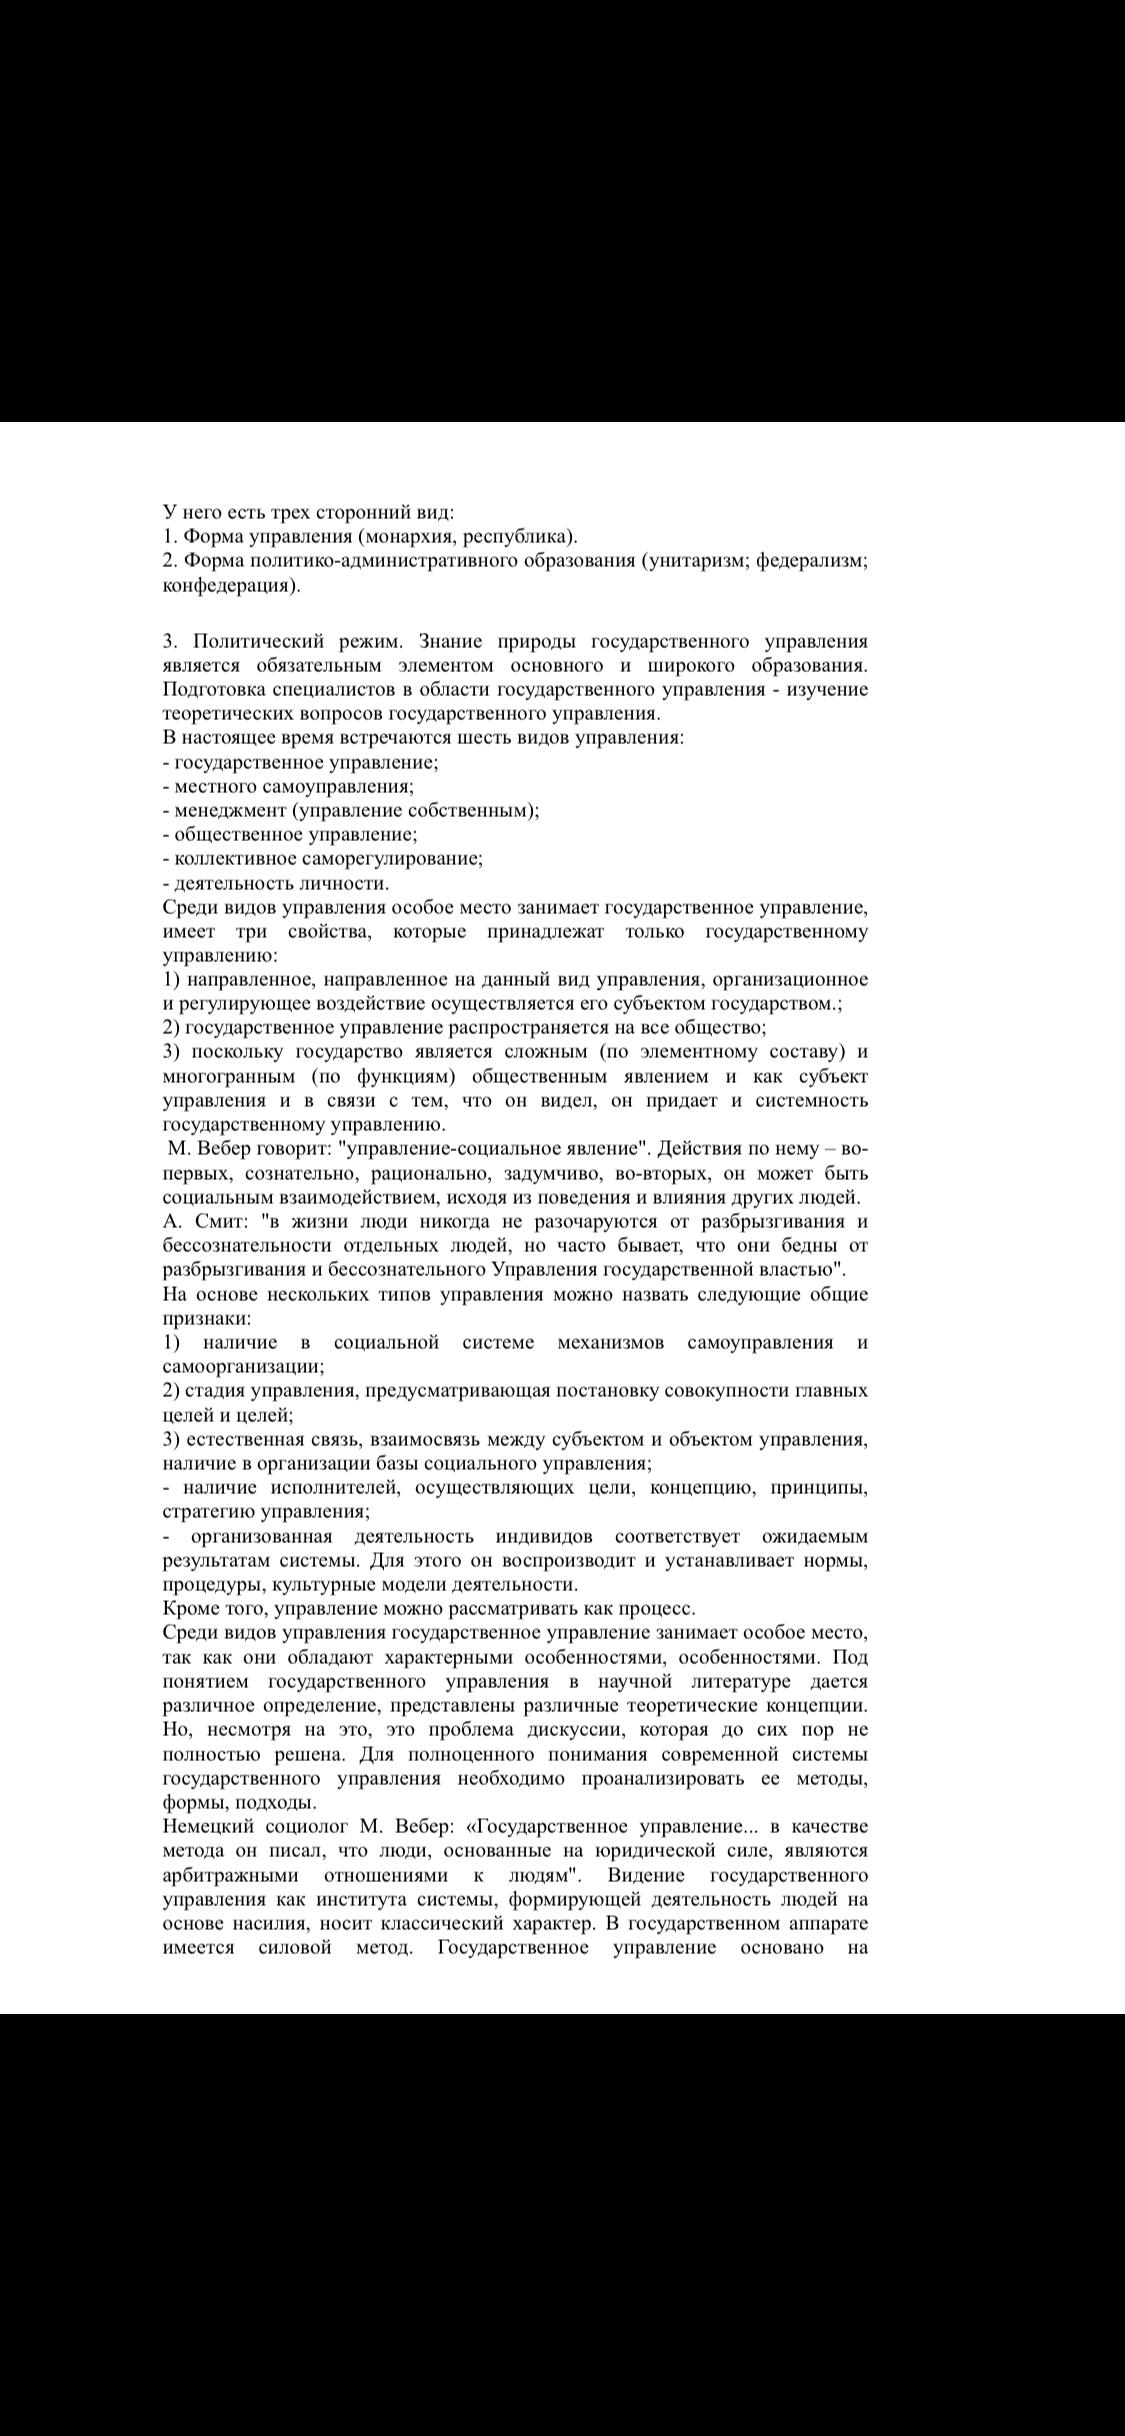 Фото Отчет по практике на казахском и русском языке